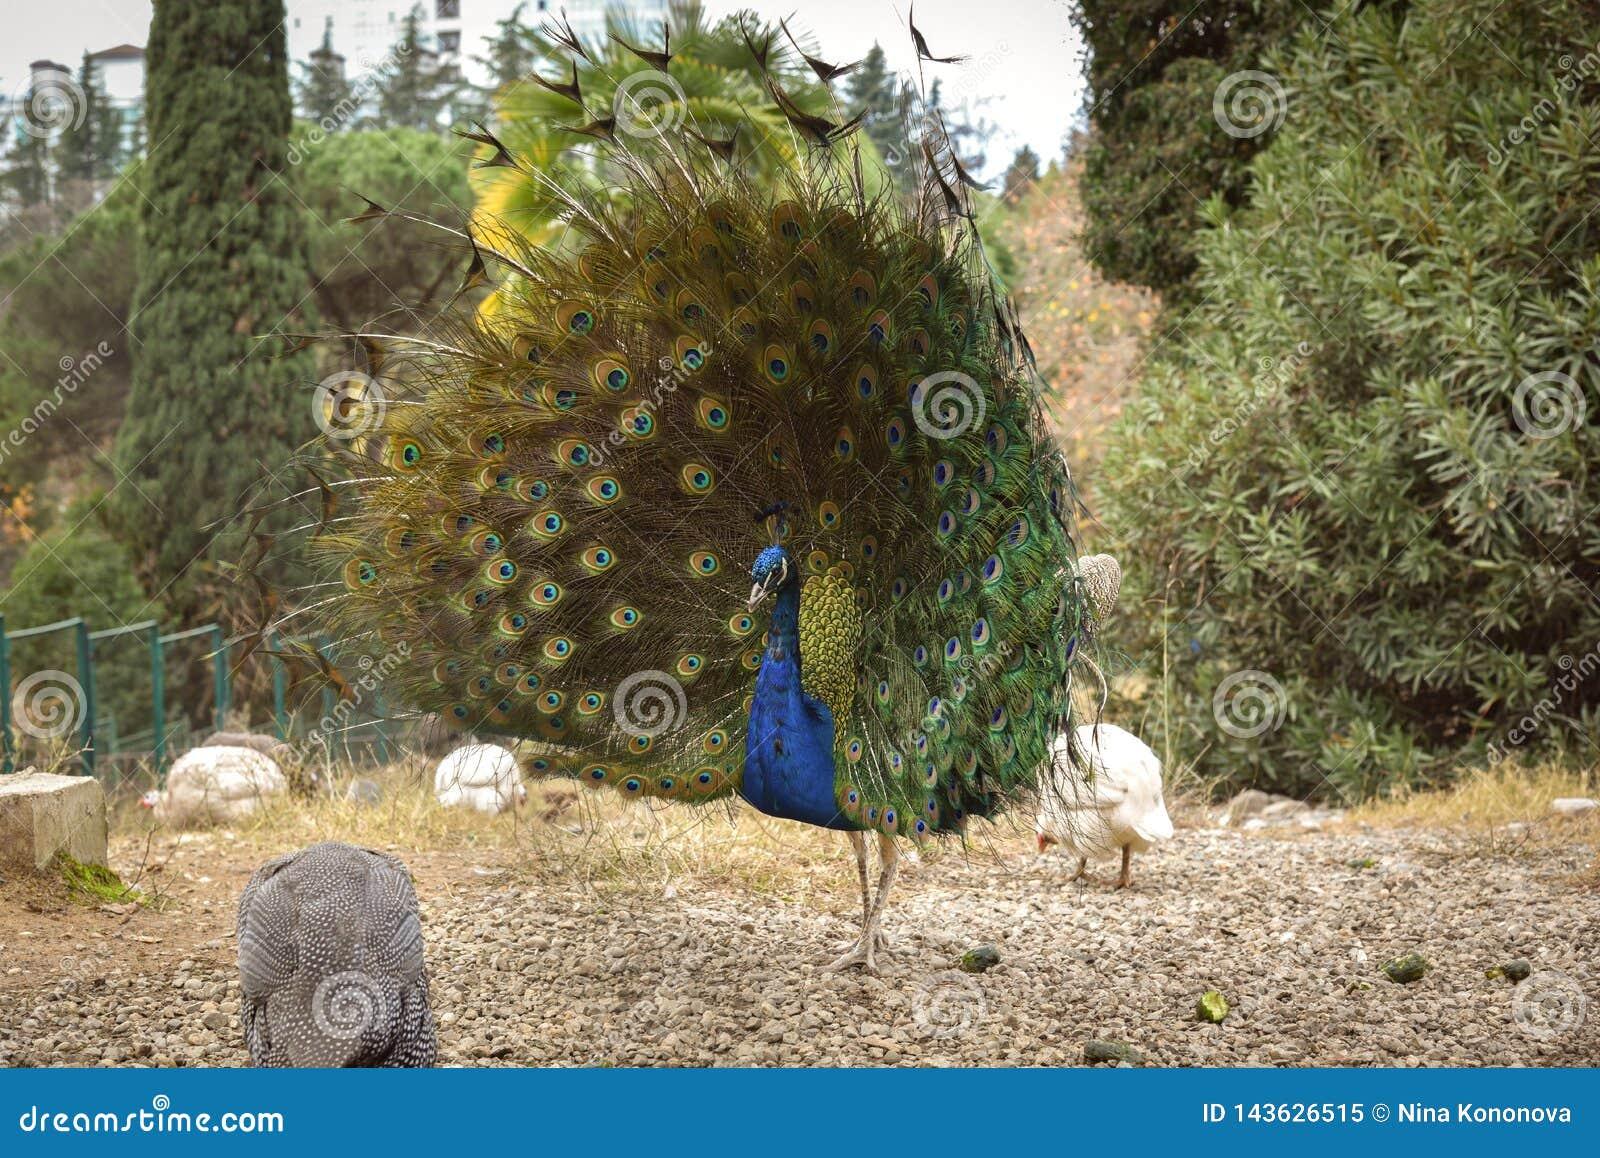 Parque do arboreto arboreto 'de Dendrarium 'do parque da cidade de Sochi, Rússia nave pássaro